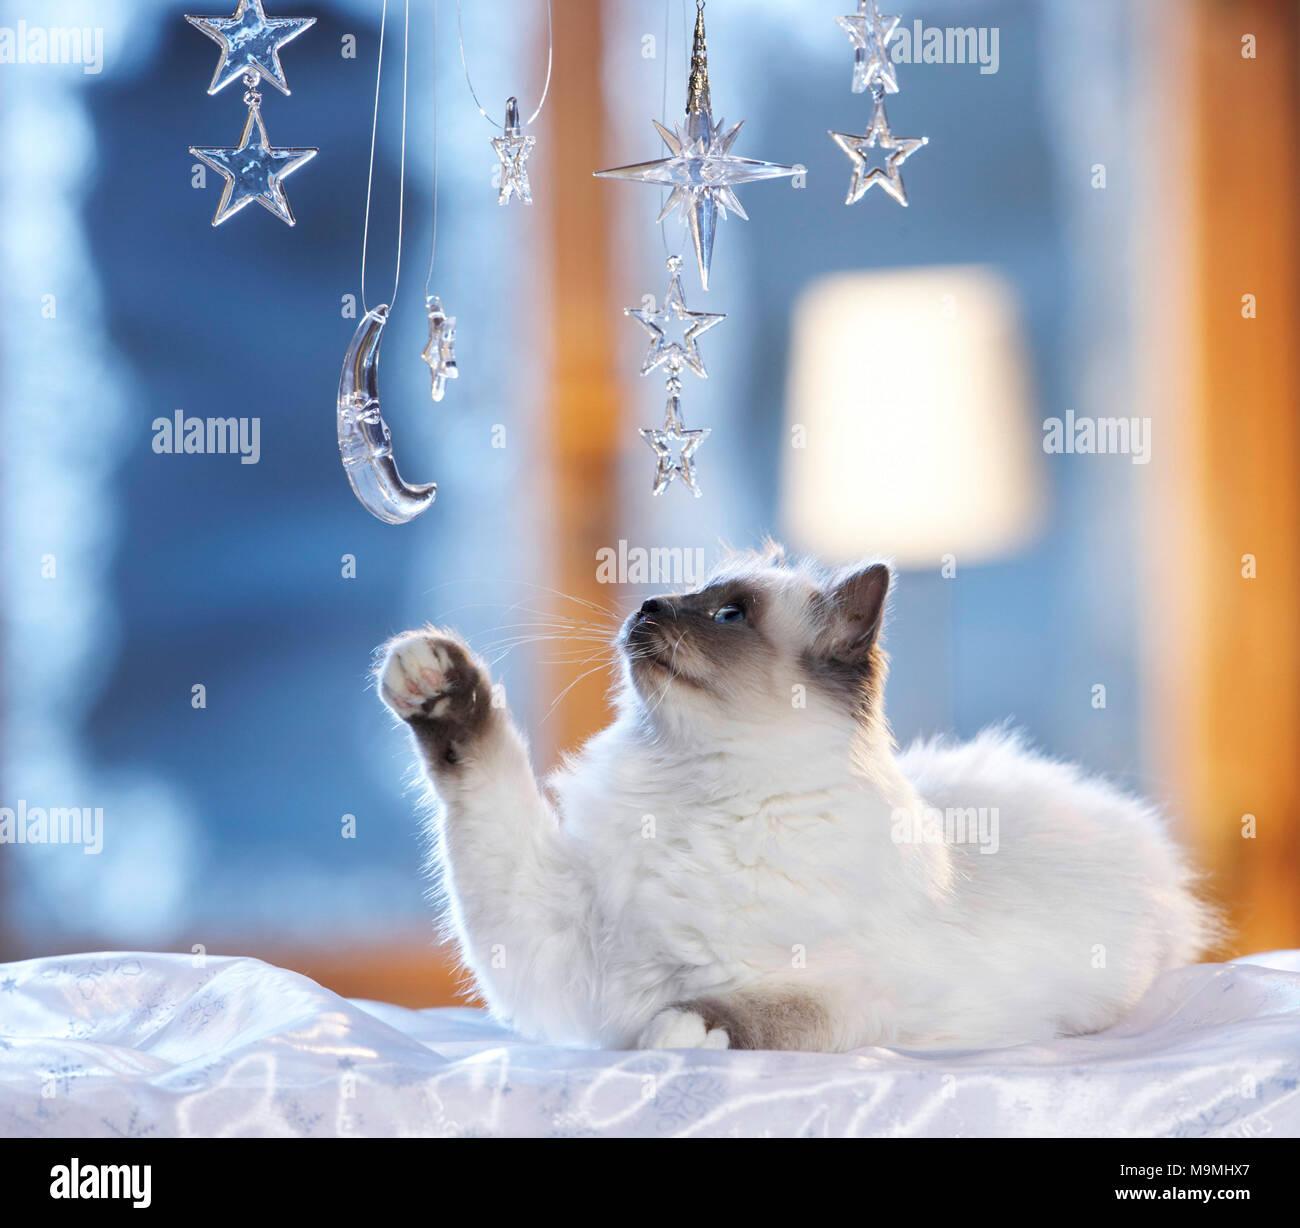 Weihnachten: Heilige Birma Katze spielt mit Mond und Sternen aus Glas in einem festlich dekorierten Fenster vorgenommen wurden. Deutschland Stockbild